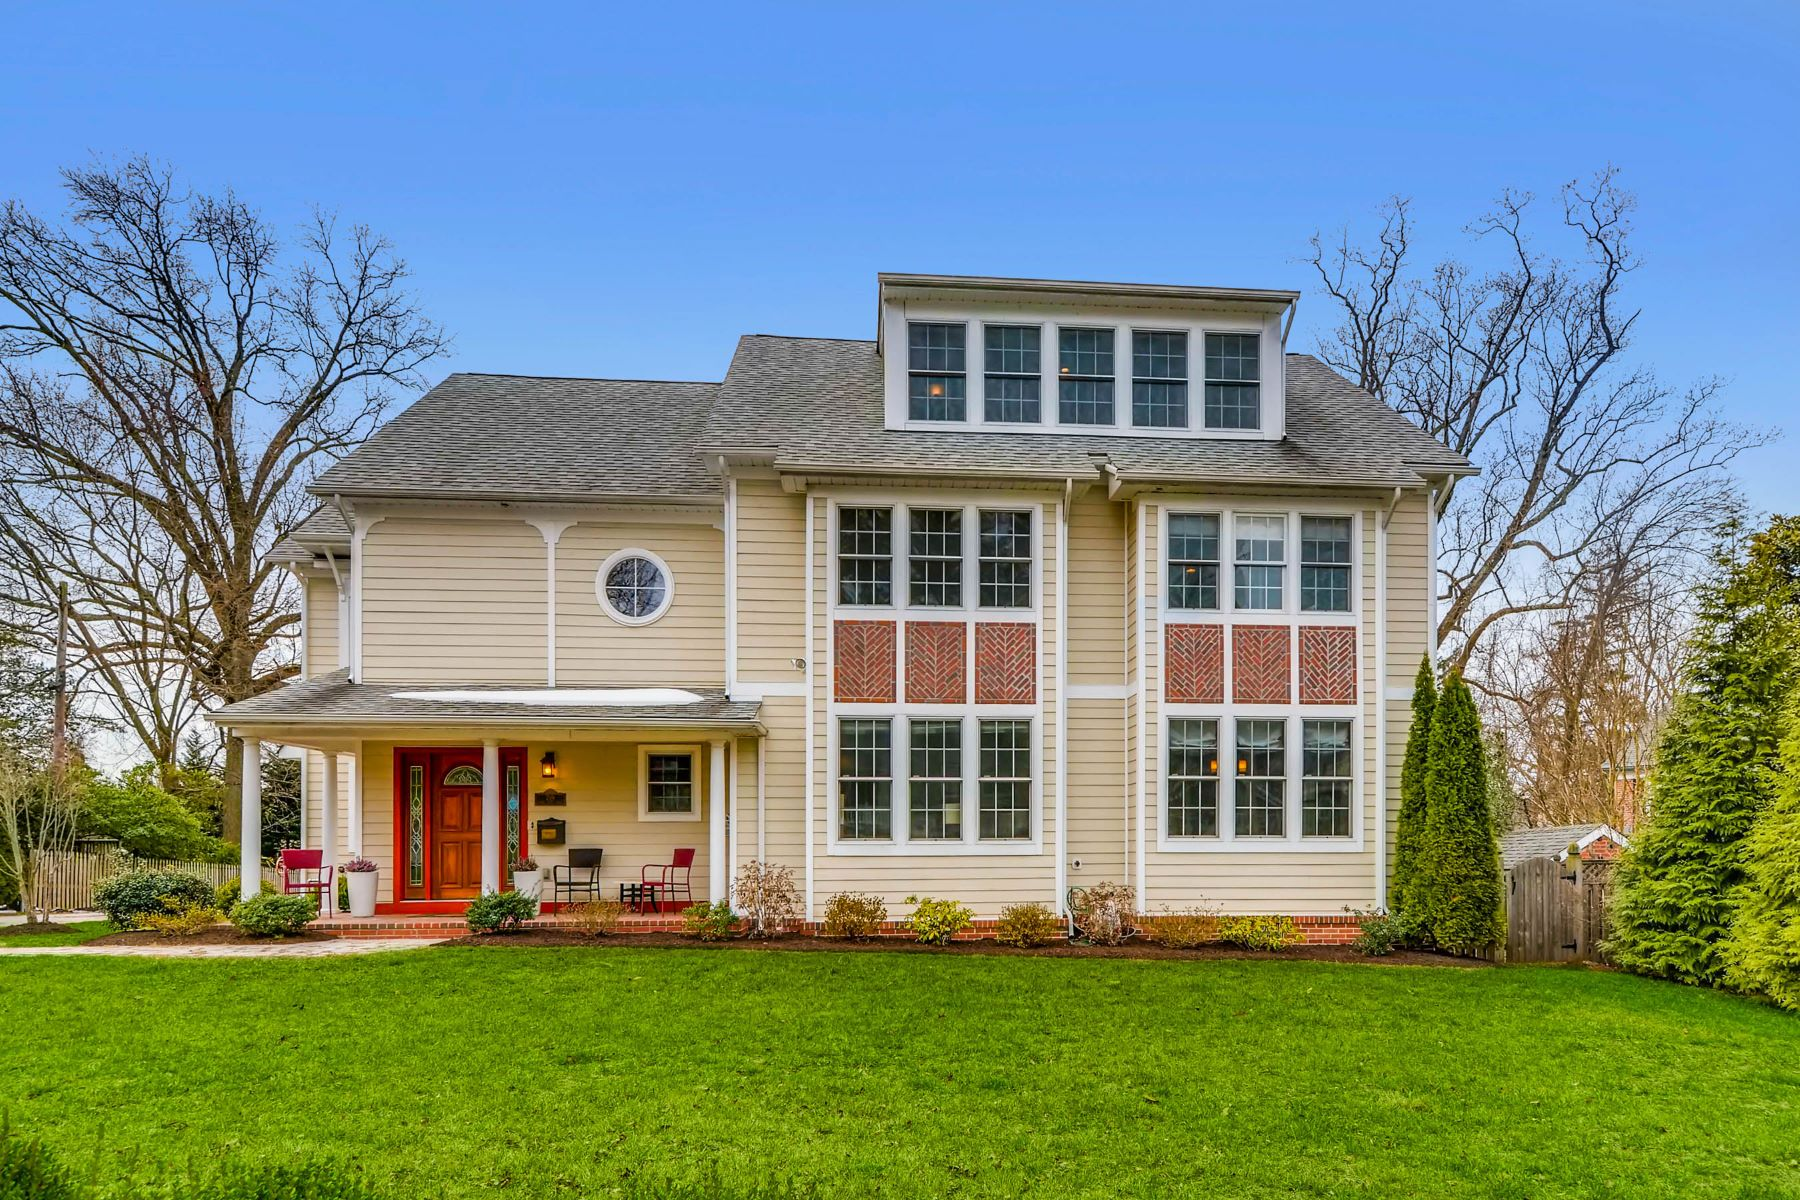 Частный односемейный дом для того Продажа на 709 North Bend Road Towson, Мэриленд 21204 Соединенные Штаты